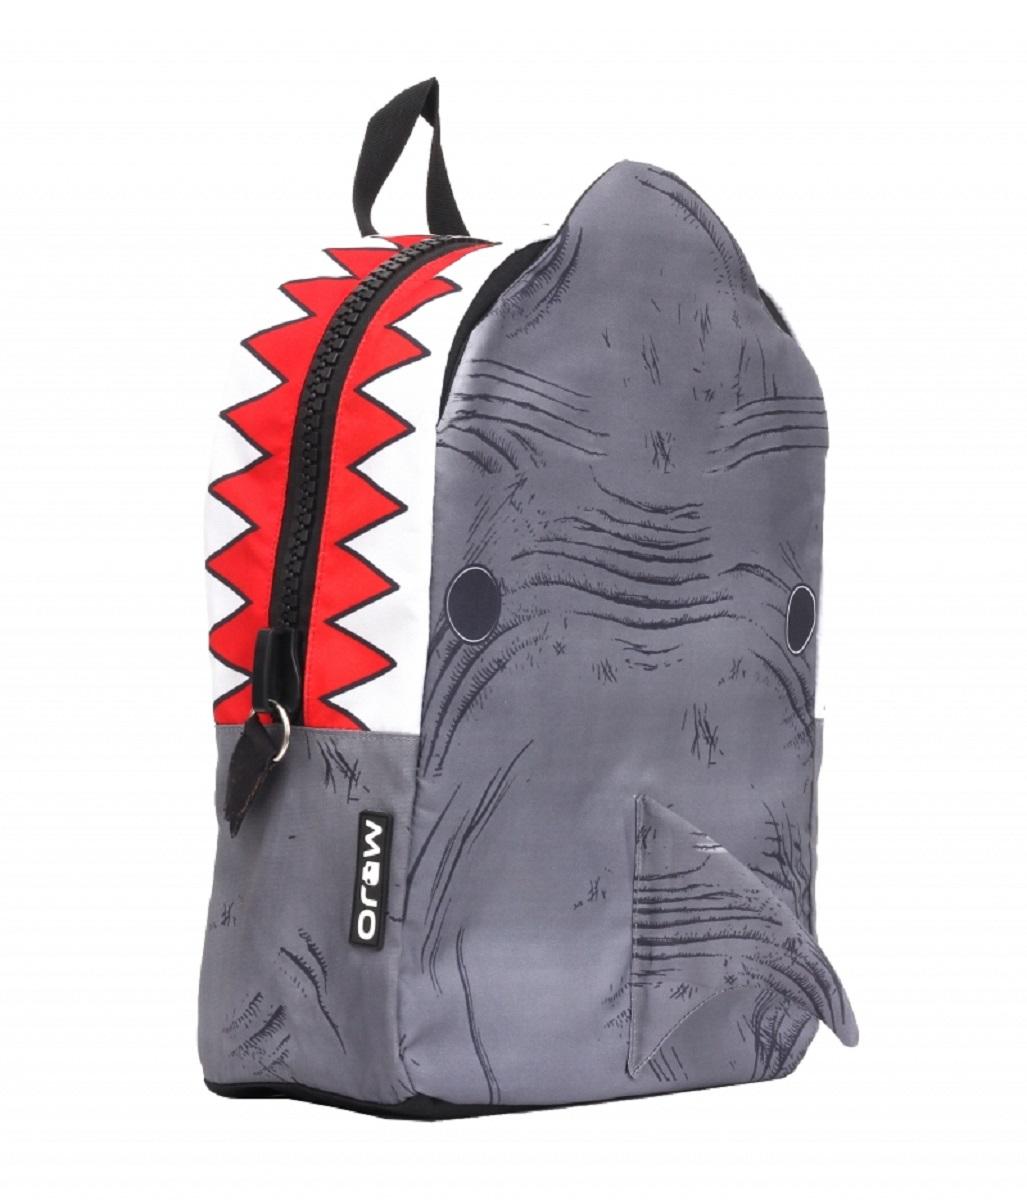 Рюкзак молодежный Mojo Shark 3D, цвет: серый, 20 лKAA9984083Молодежный рюкзак имеет яркий и неповторимый дизайн, что непосредственно будет радовать его хозяина и выделять его из серой массы.